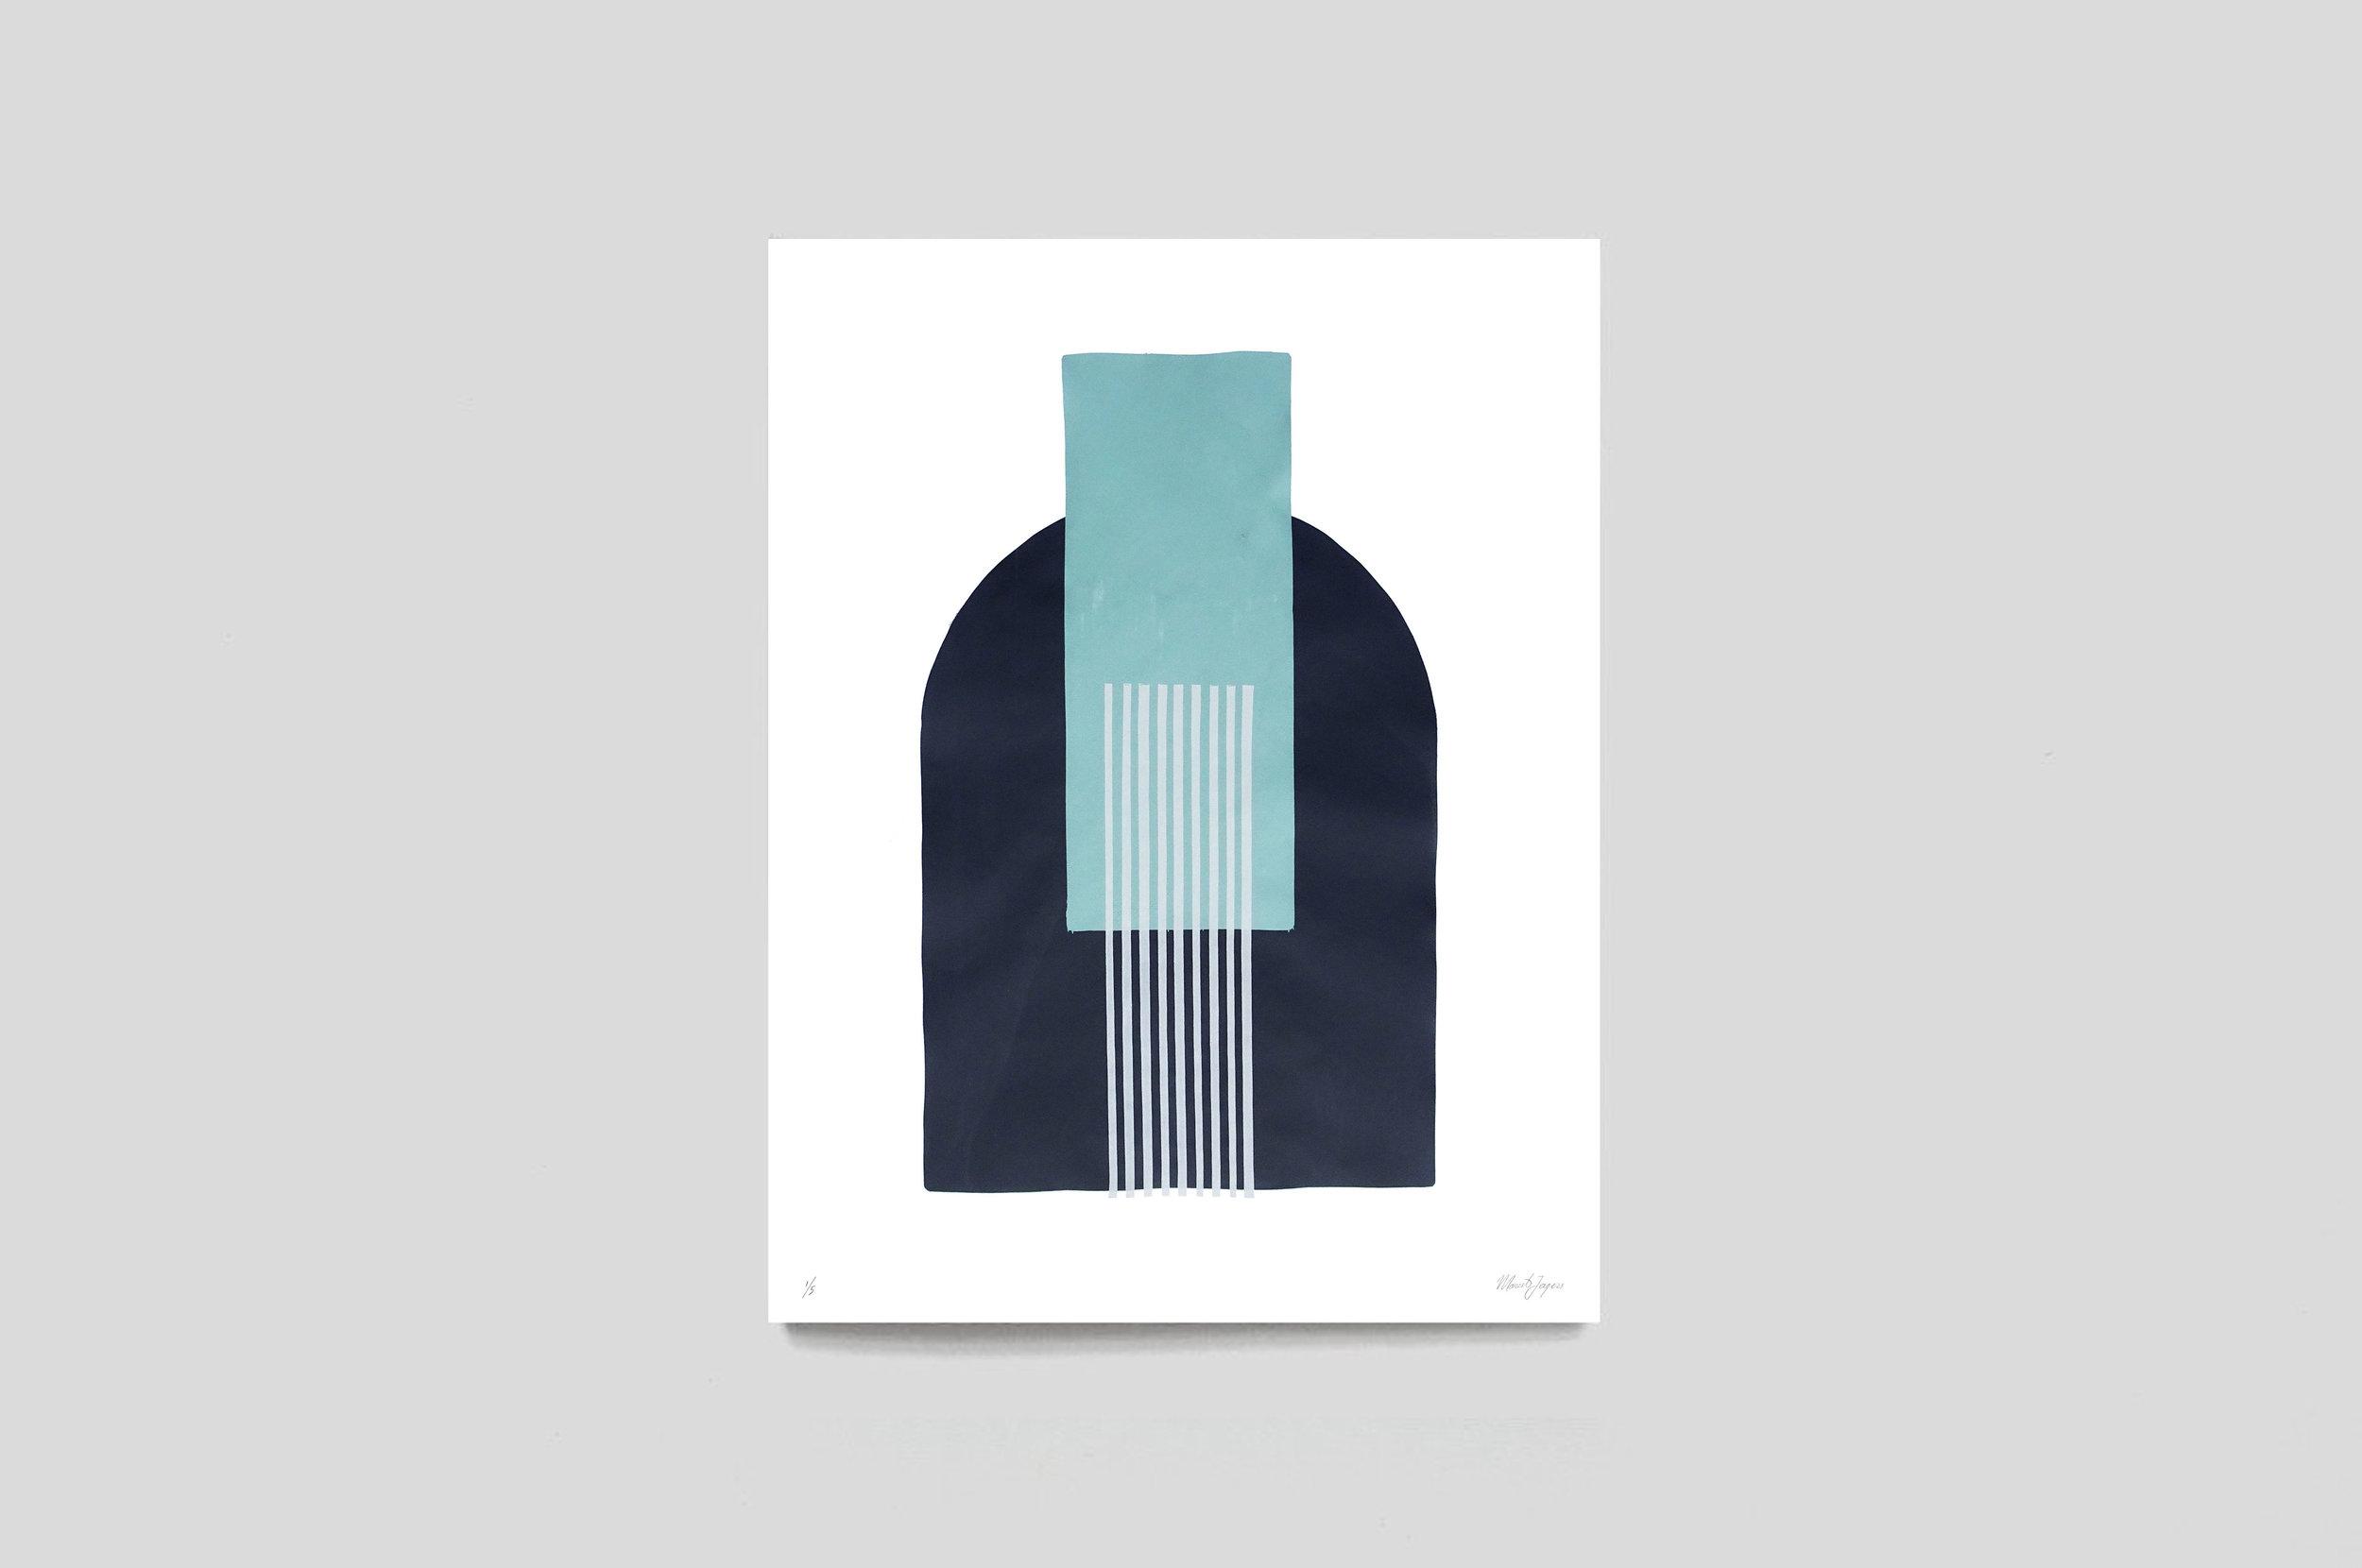 Poster_aan_muur_Marrit_Jagers_StudioJOA_zeefdruk_0010_11.jpg